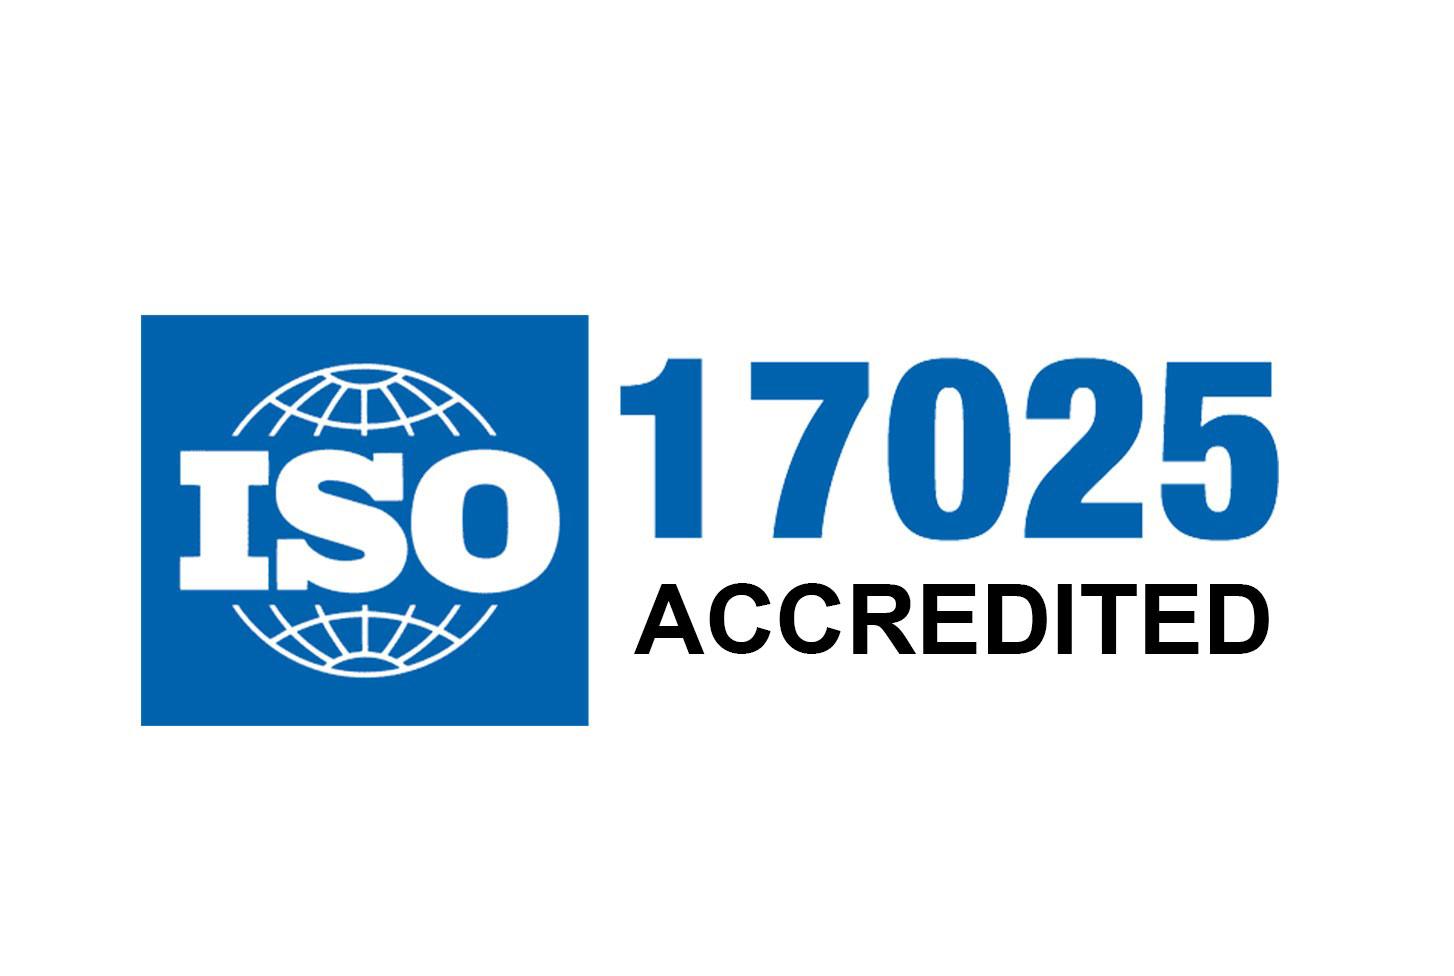 iso17025-v2